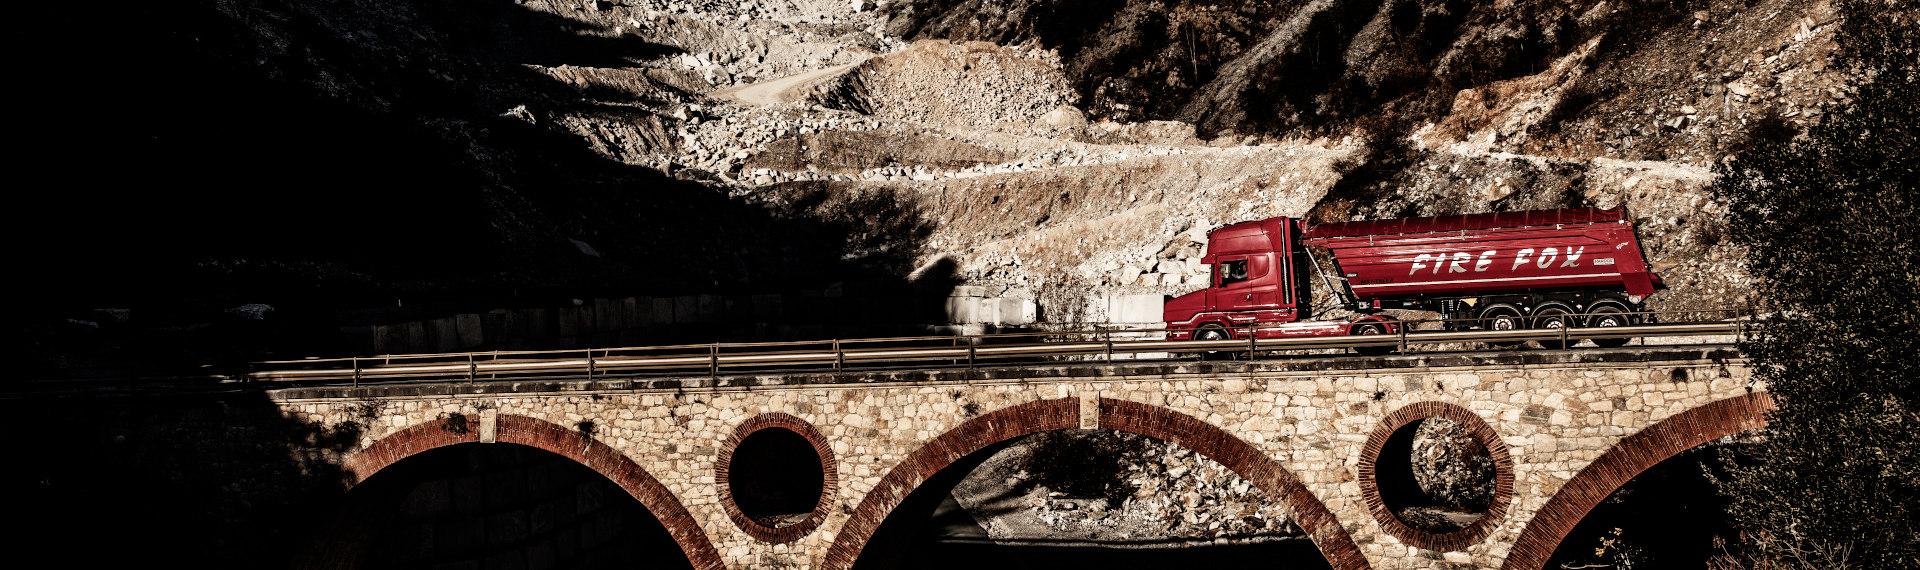 Un camion Fire Fox rouge vif, en acier anti-abrasion Hardox 500 Tuf, traverse un pont